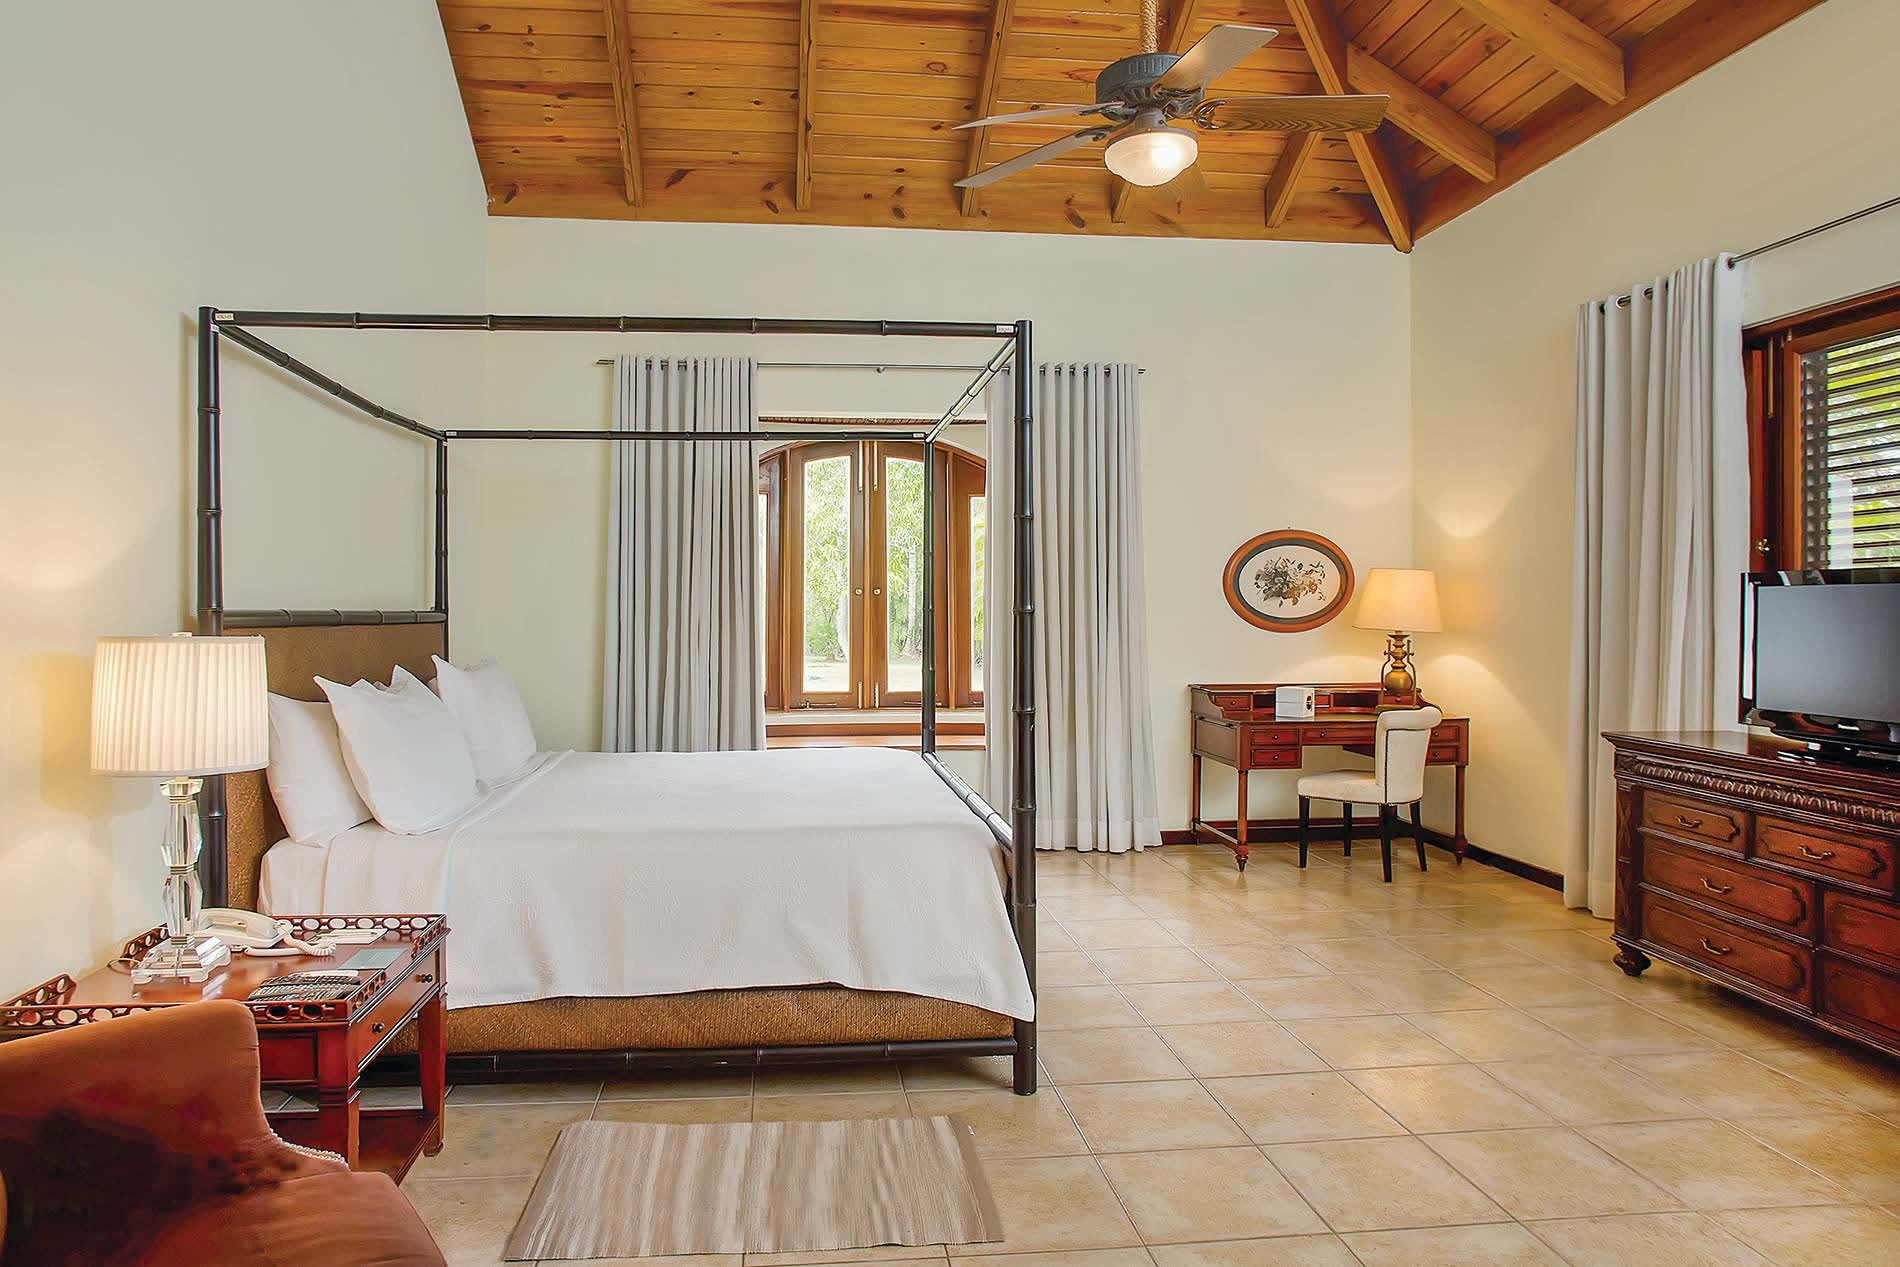 Villa Estrella in Casa de Campo Resort - sleeps 10 people